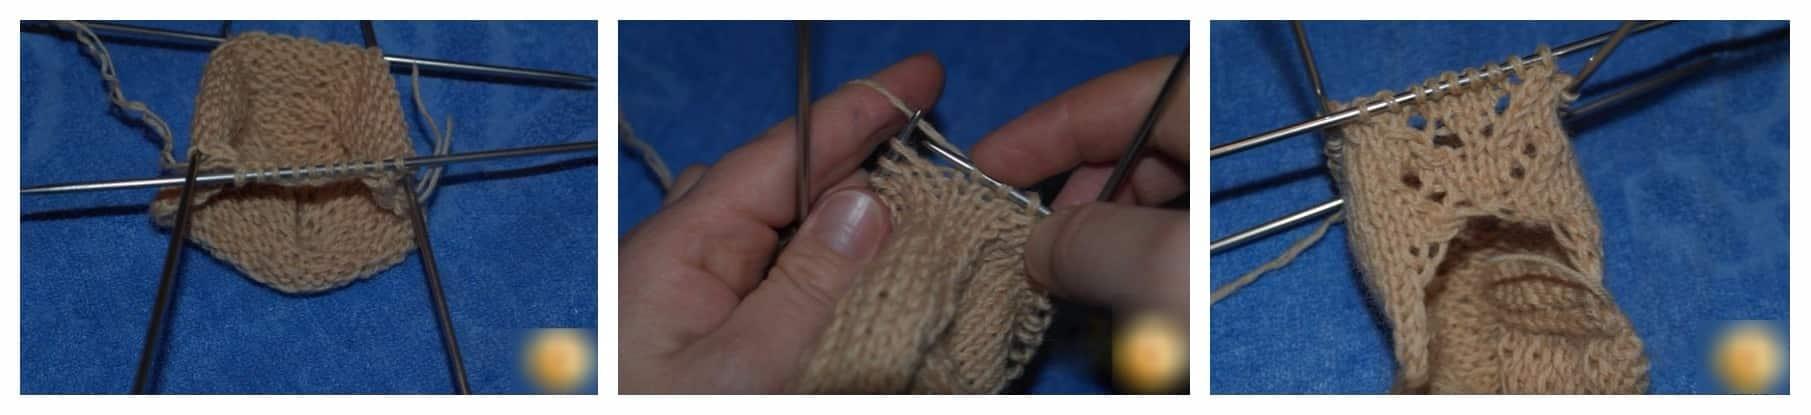 Вязание двумя спицами следков без швов видео